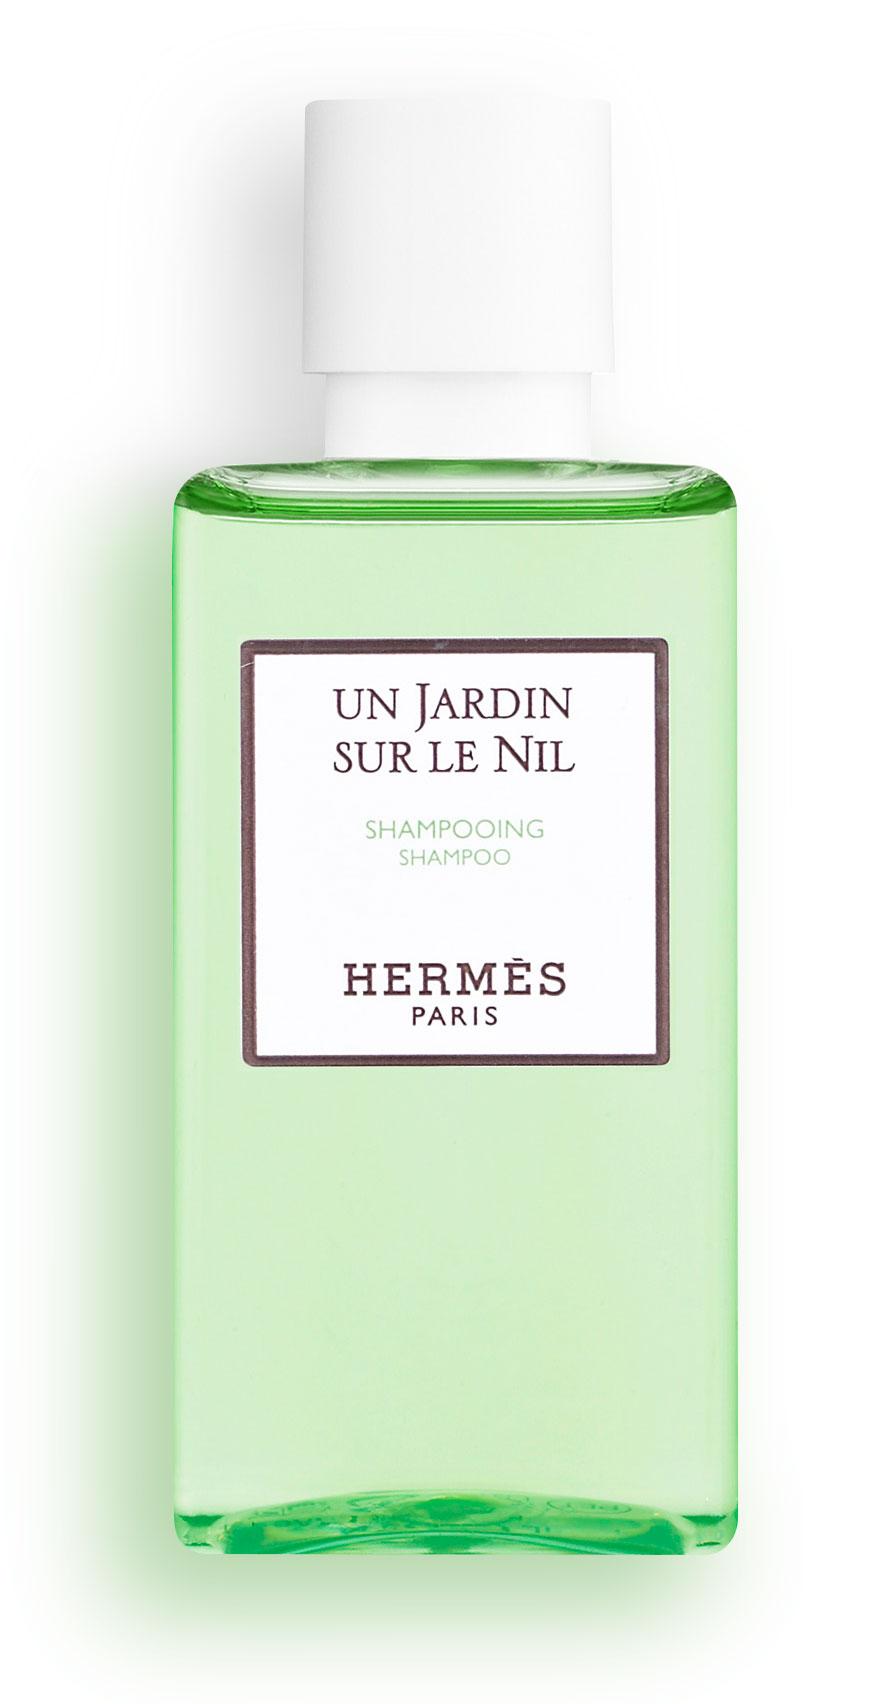 Hermès - Un Jardin sur le Nil - Shampooing 40 ml.